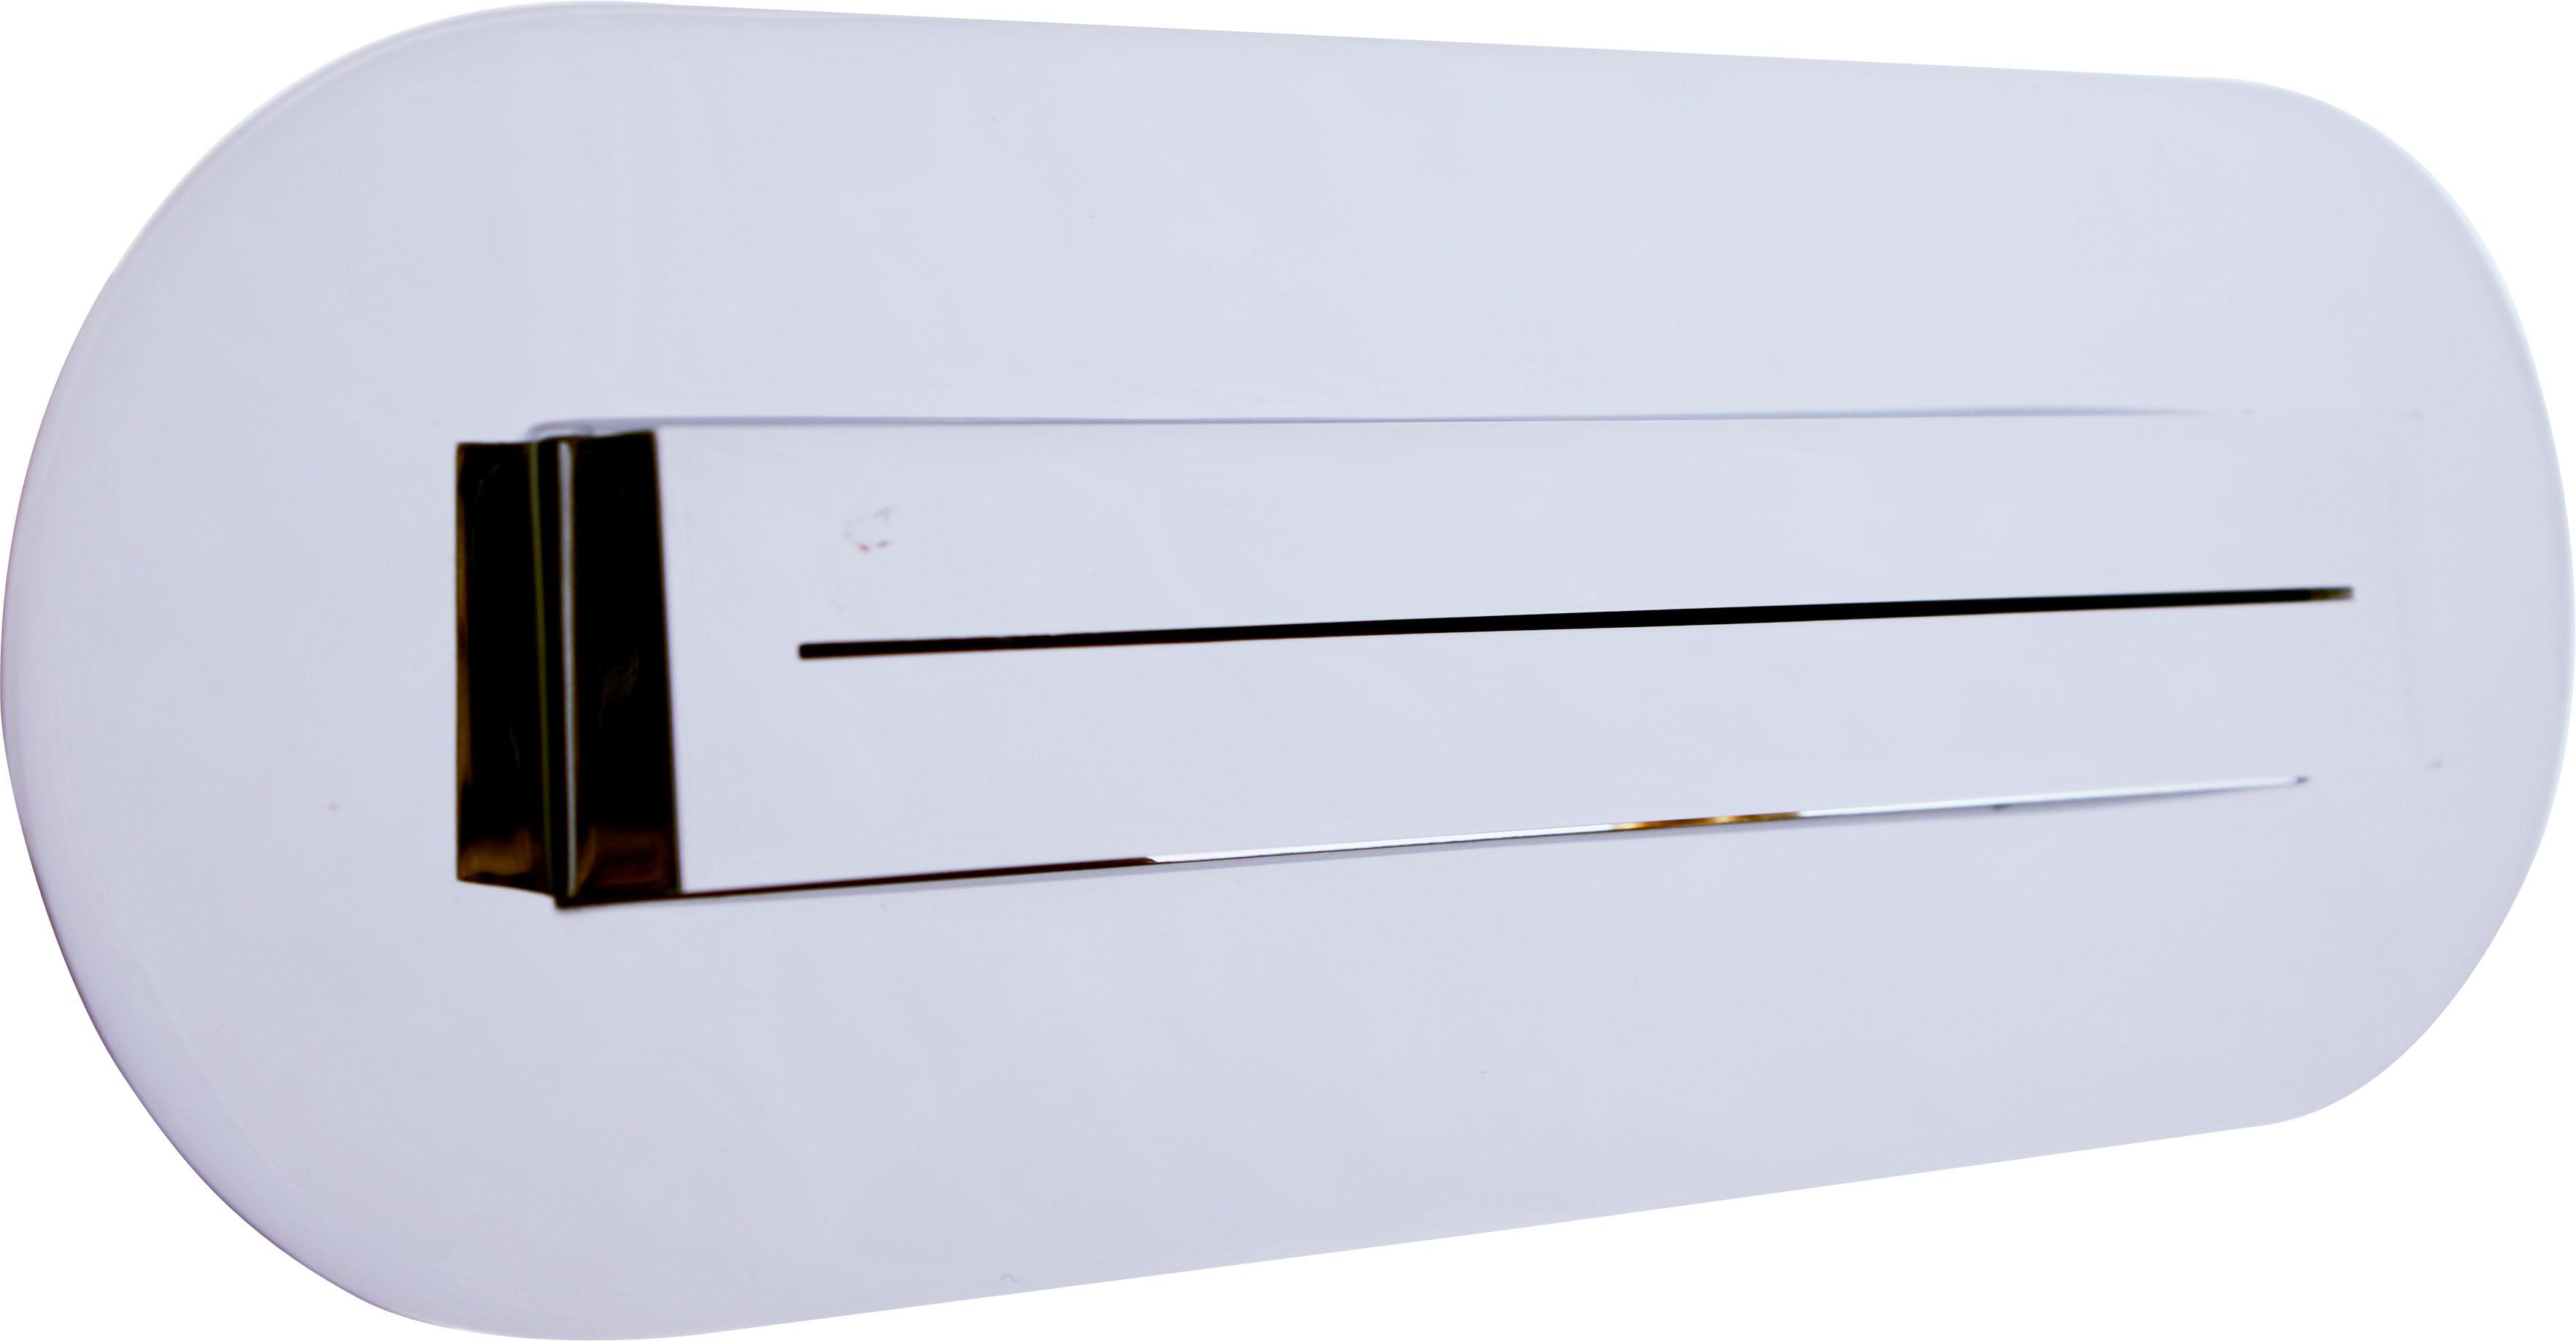 SLEZAK-RAV Výtok do sprchového koutu, Barva: chrom TVR003